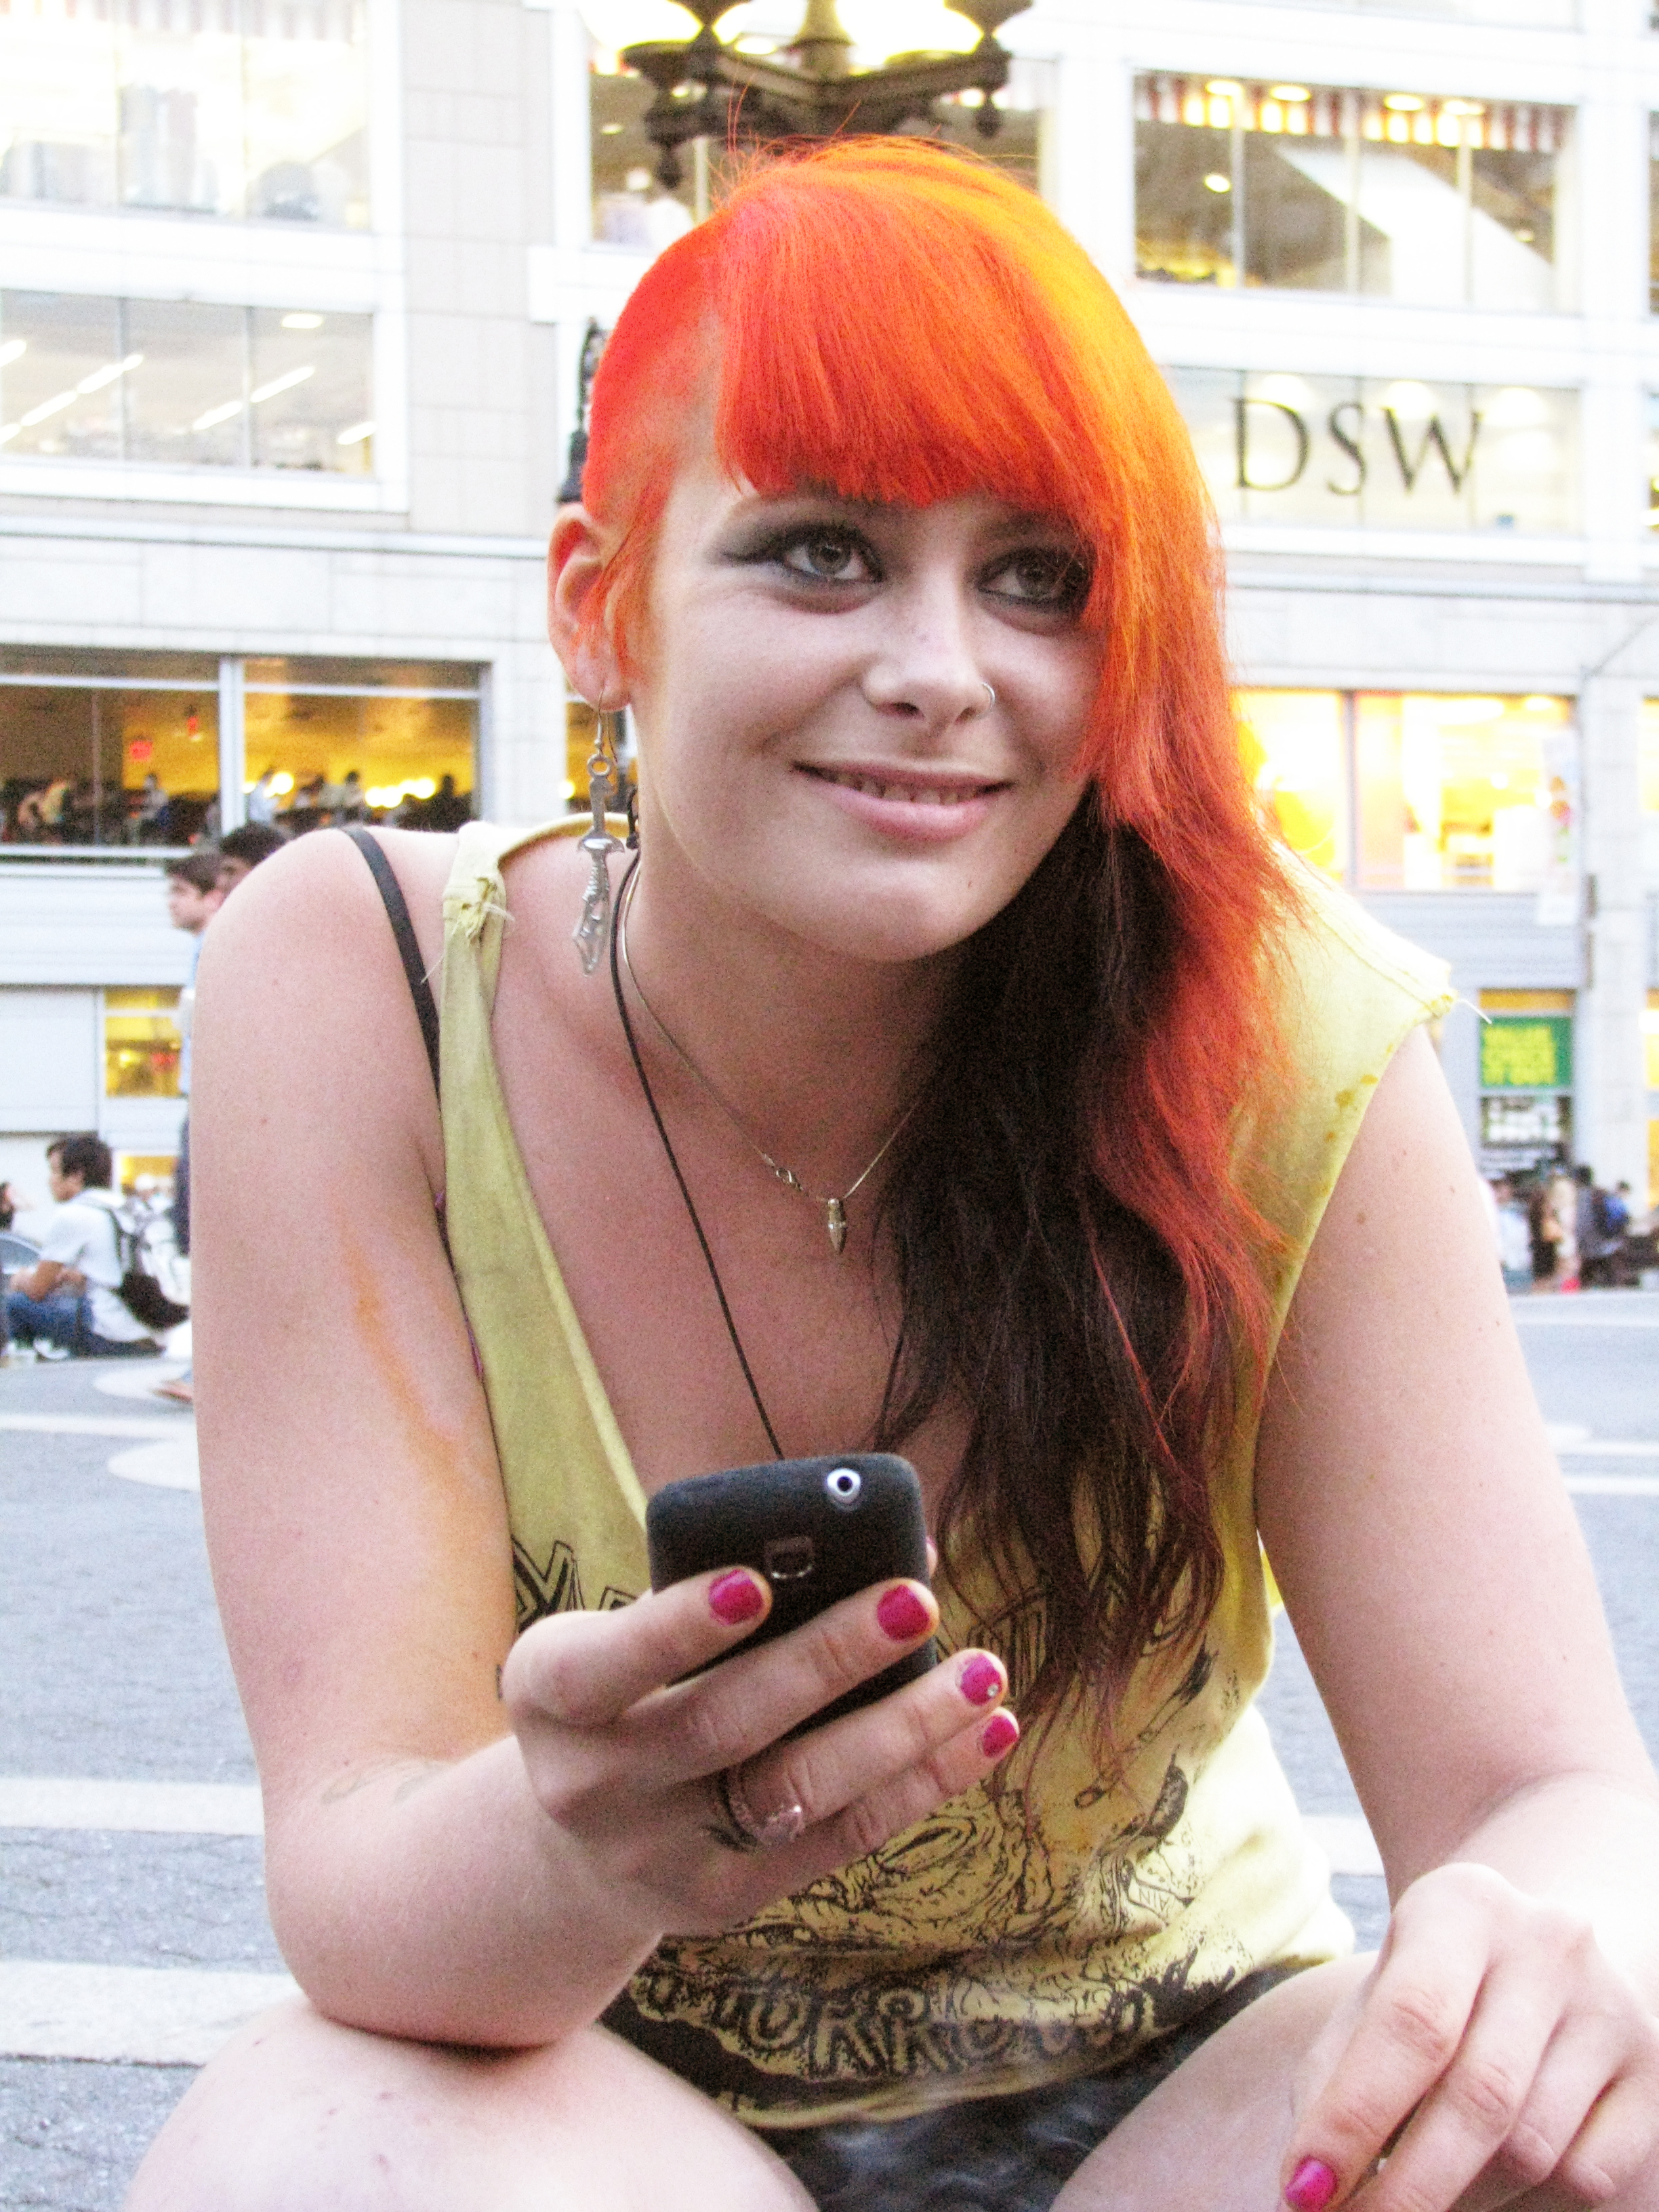 cute punk girl with orange hair